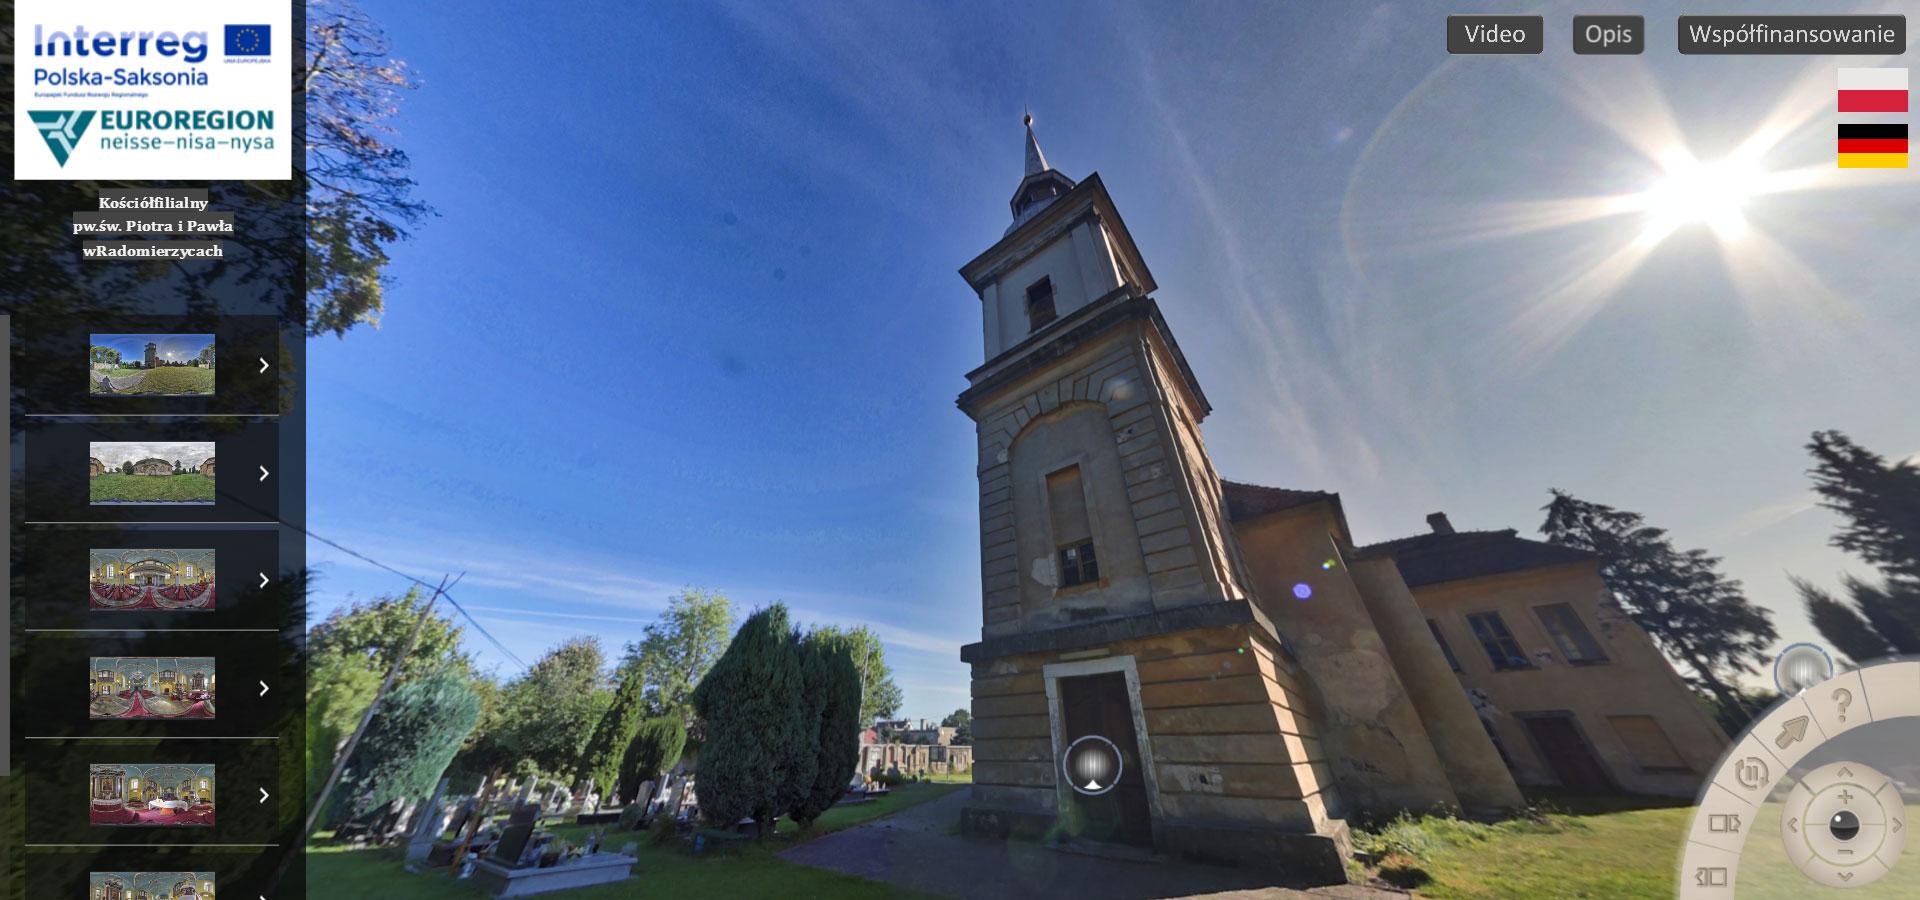 Kościół-w-Radomierzycach